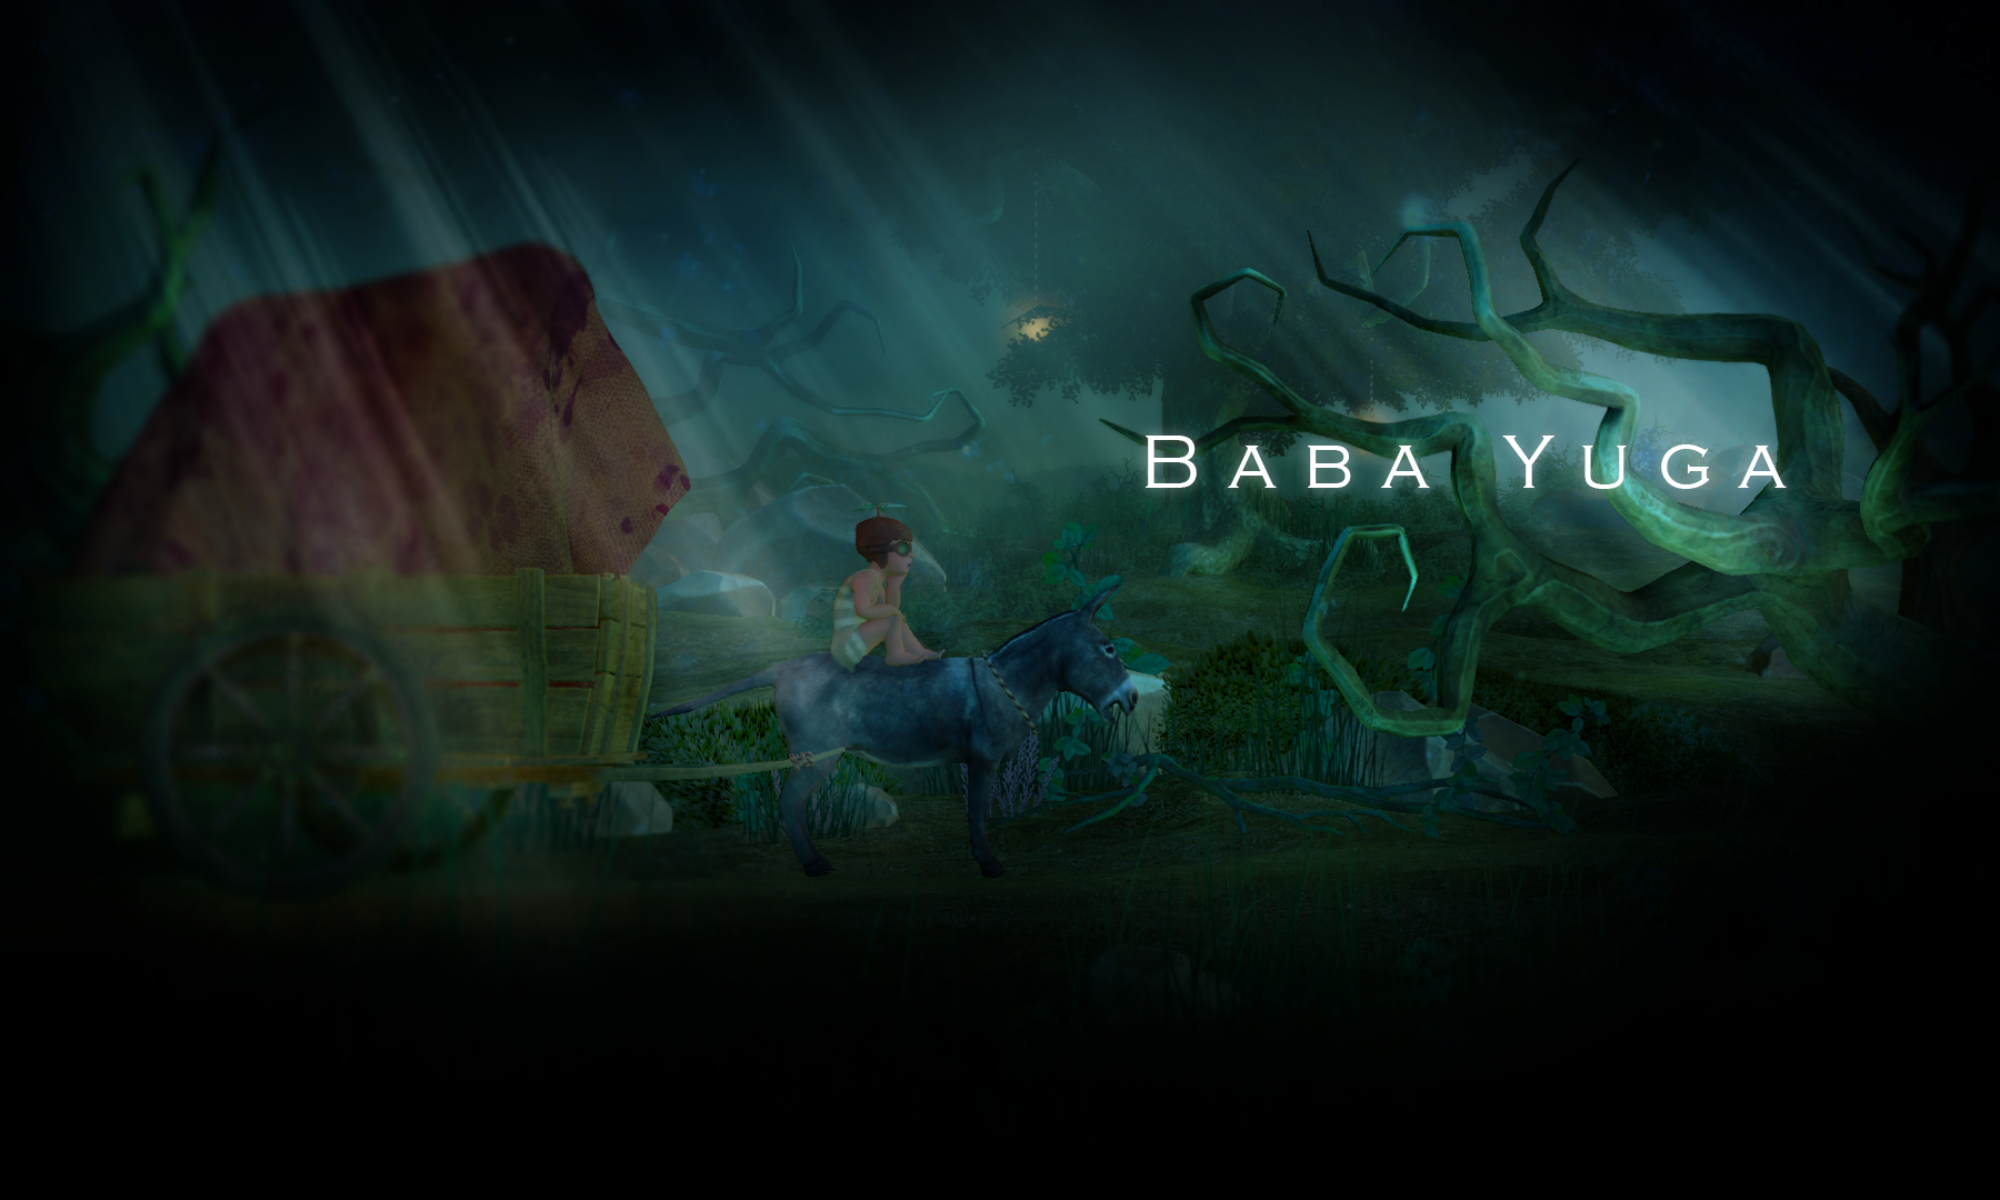 Baba Yuga